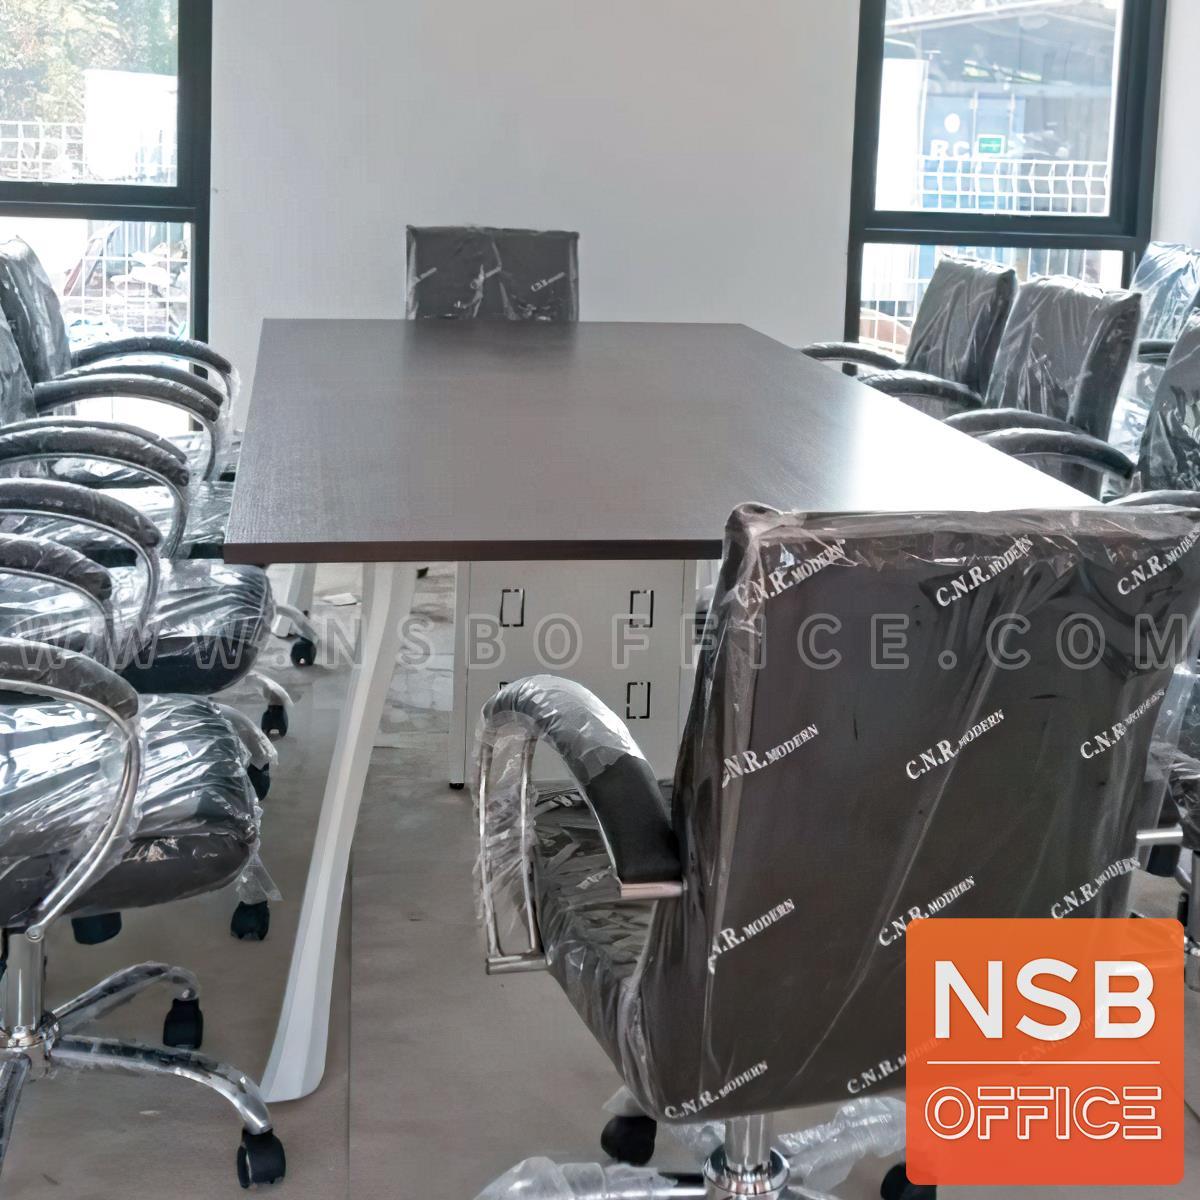 โต๊ะประชุมทรงสี่เหลี่ยม  รุ่น Kelland (เคลแลนด์) ขนาด 240W cm. ขาเหล็กสีขาว